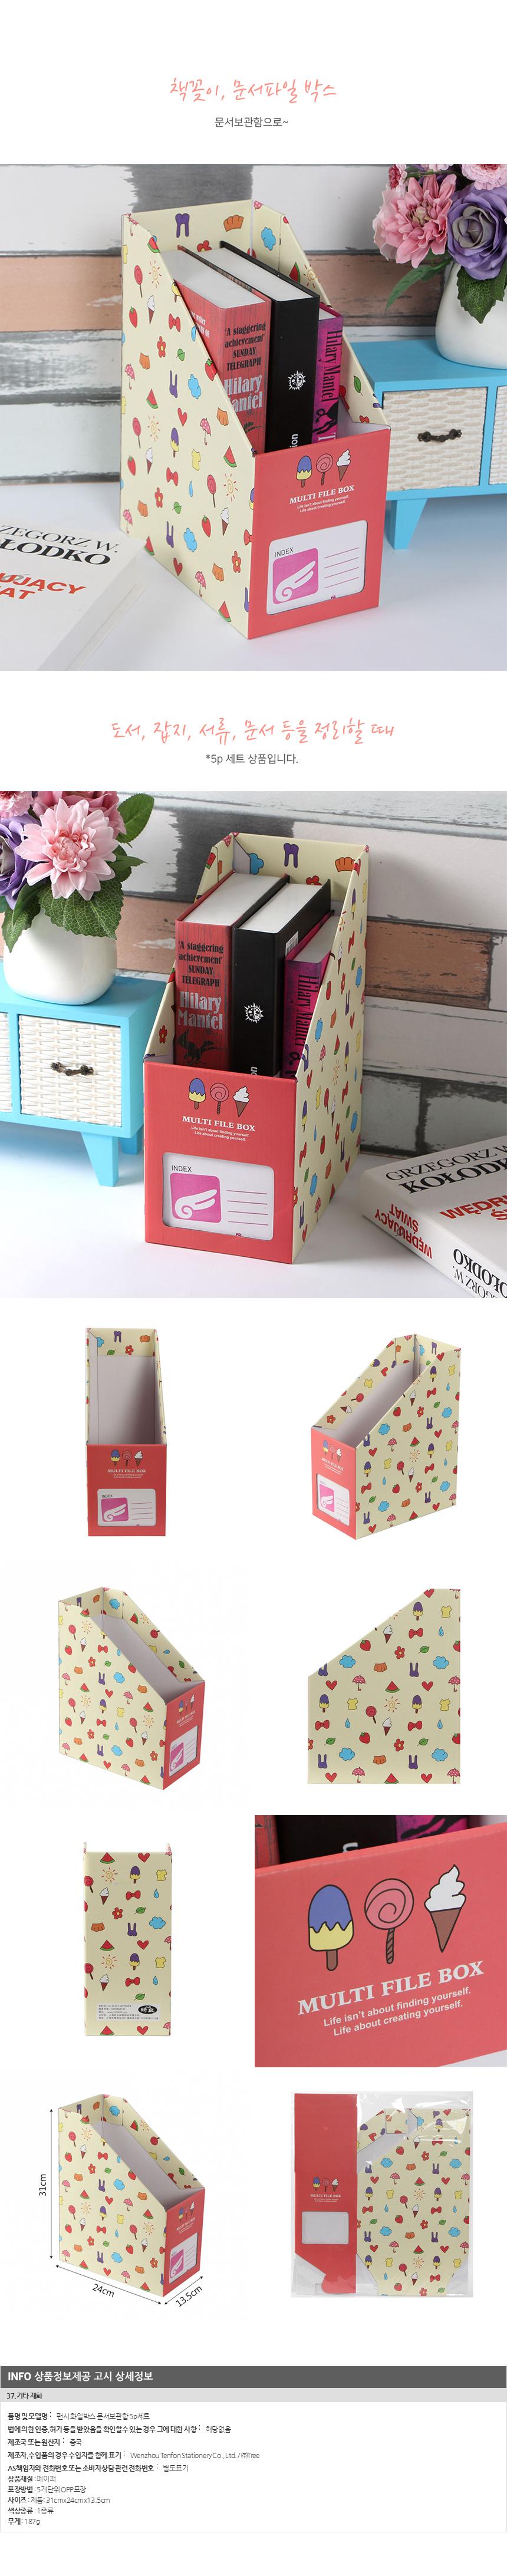 파일꽂이 화일꽂이/A4 화일상자 서류꽂이 화일박스 - 기프트갓, 12,600원, 데스크정리, 서류/파일홀더